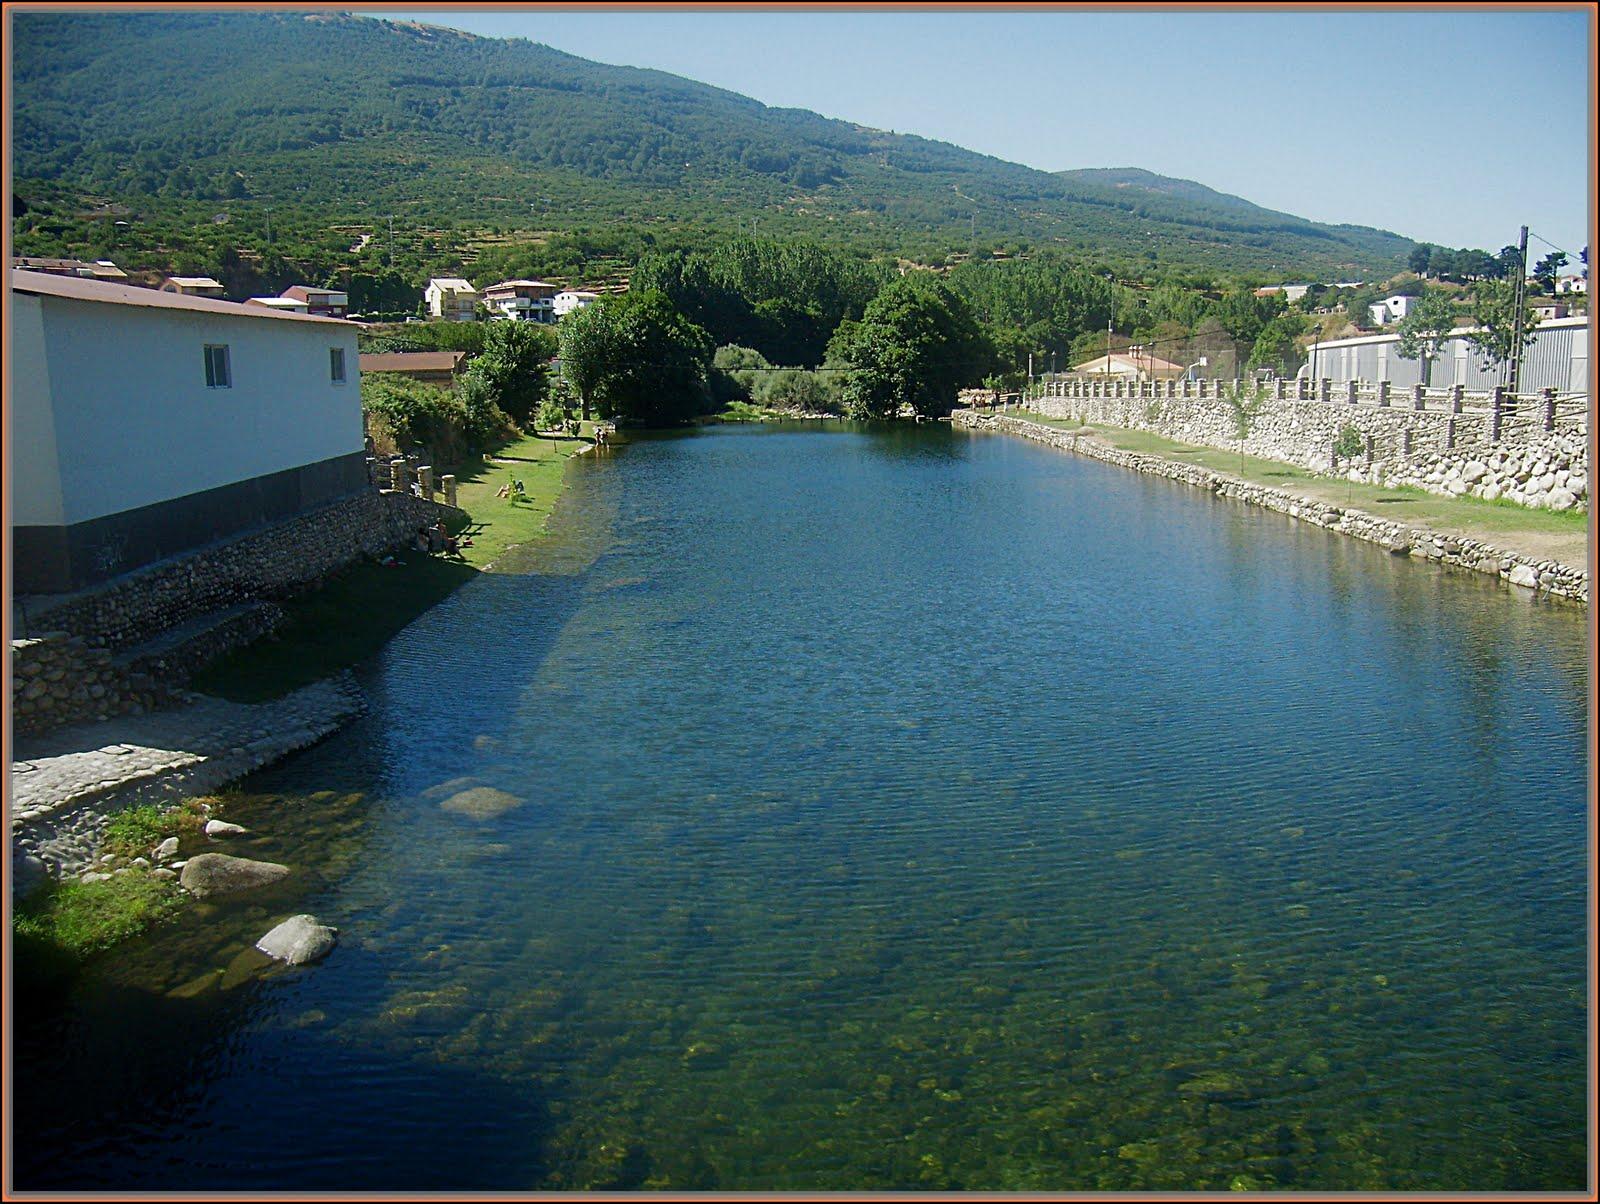 Entre madrid y guare a cabezuela del valle piscina natural - Piscinas naturales badajoz ...